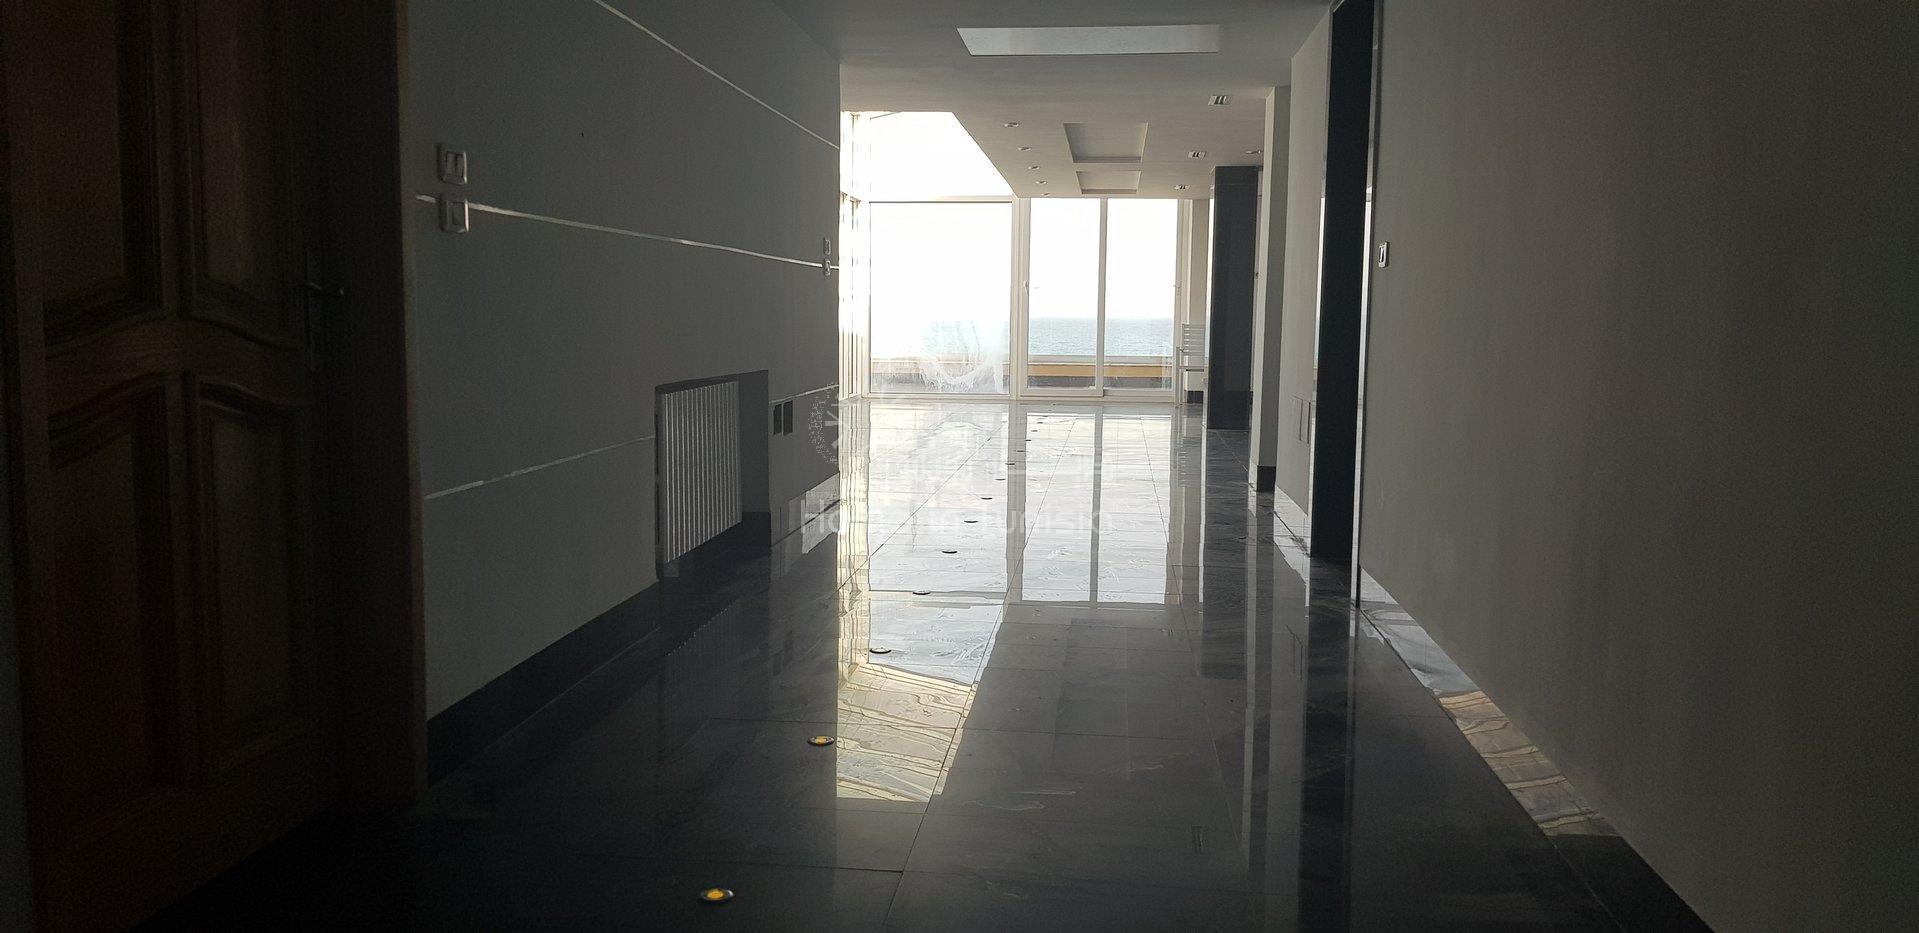 Penthouse pied dans l'eau à vendre à Hammam Sousse